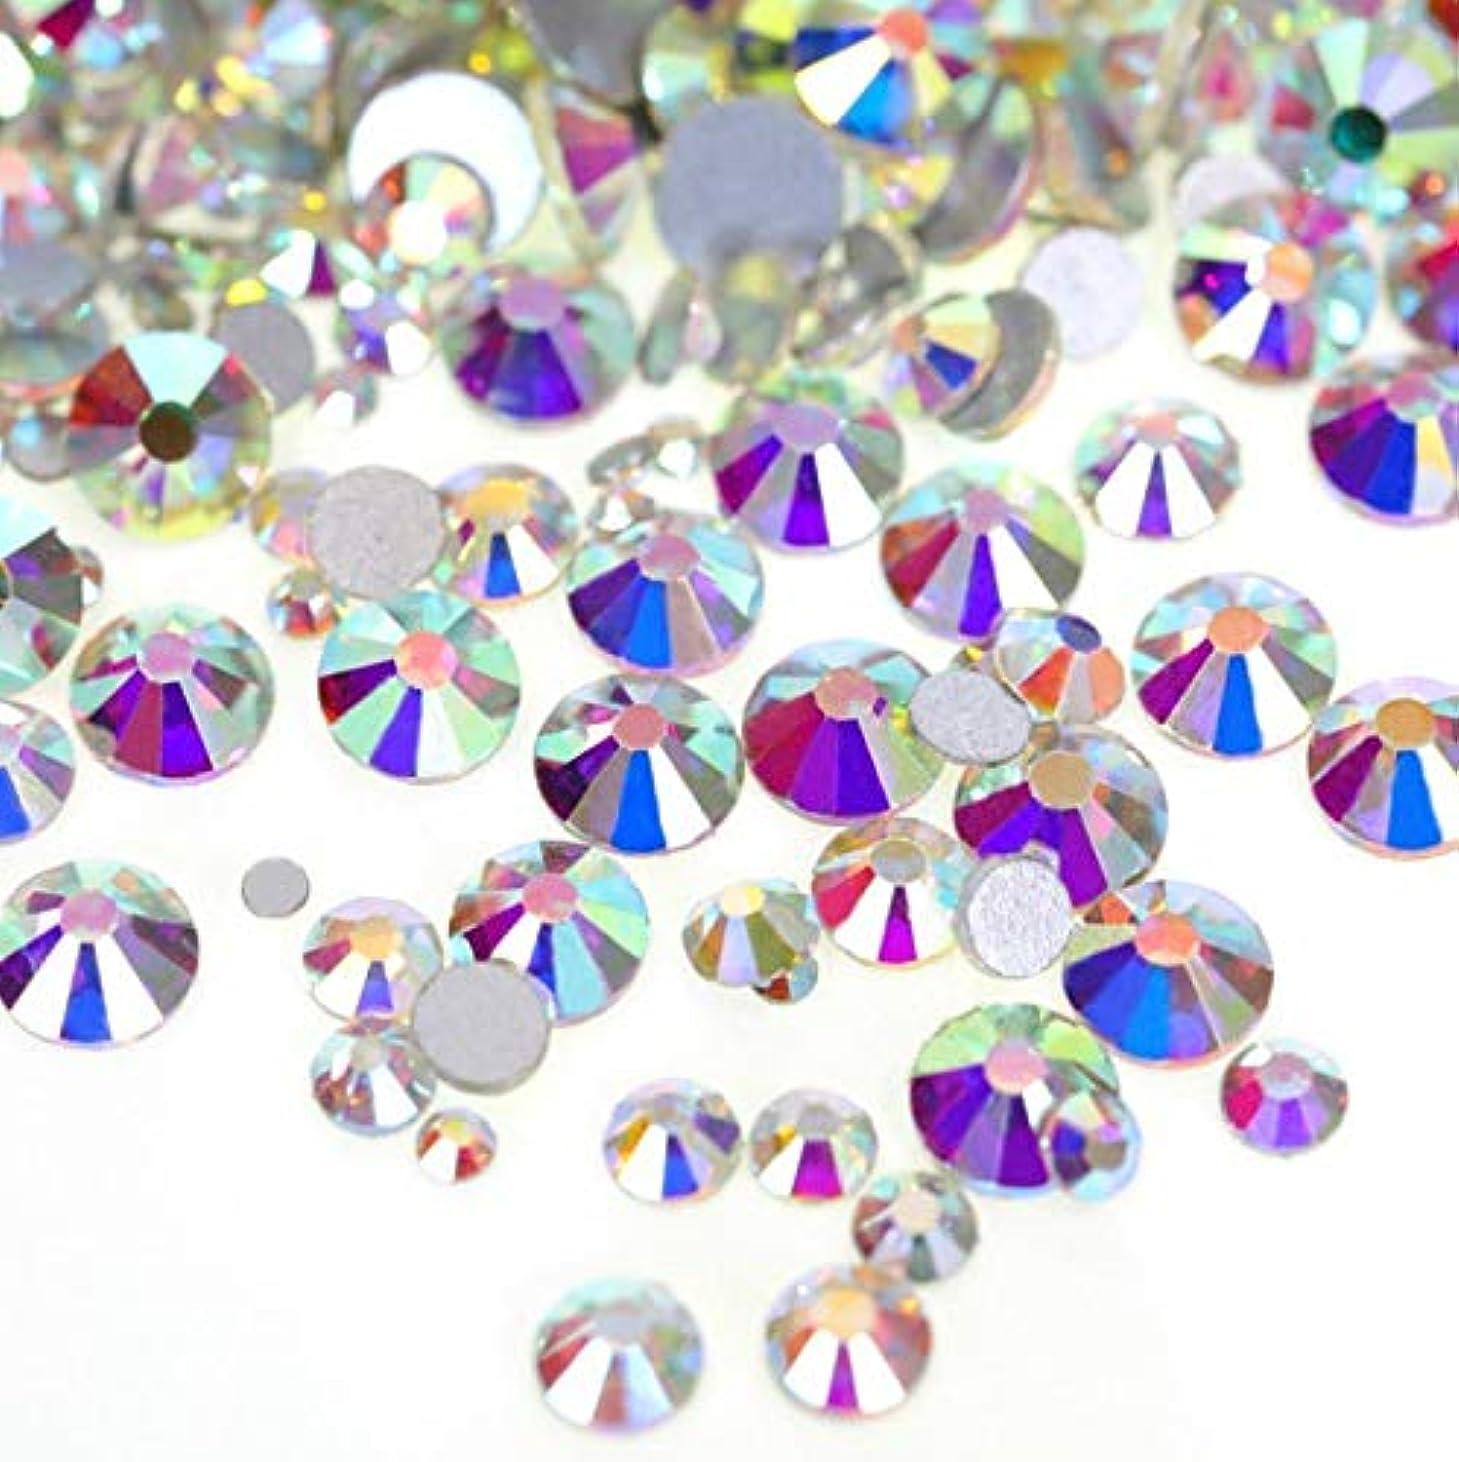 簡単な不満高尚な【ラインストーン77】 超高級 ガラス製ラインストーン SS3~SS40 オーロラクリスタル スワロフスキー同等 (1.3mm (SS3) 約200粒)